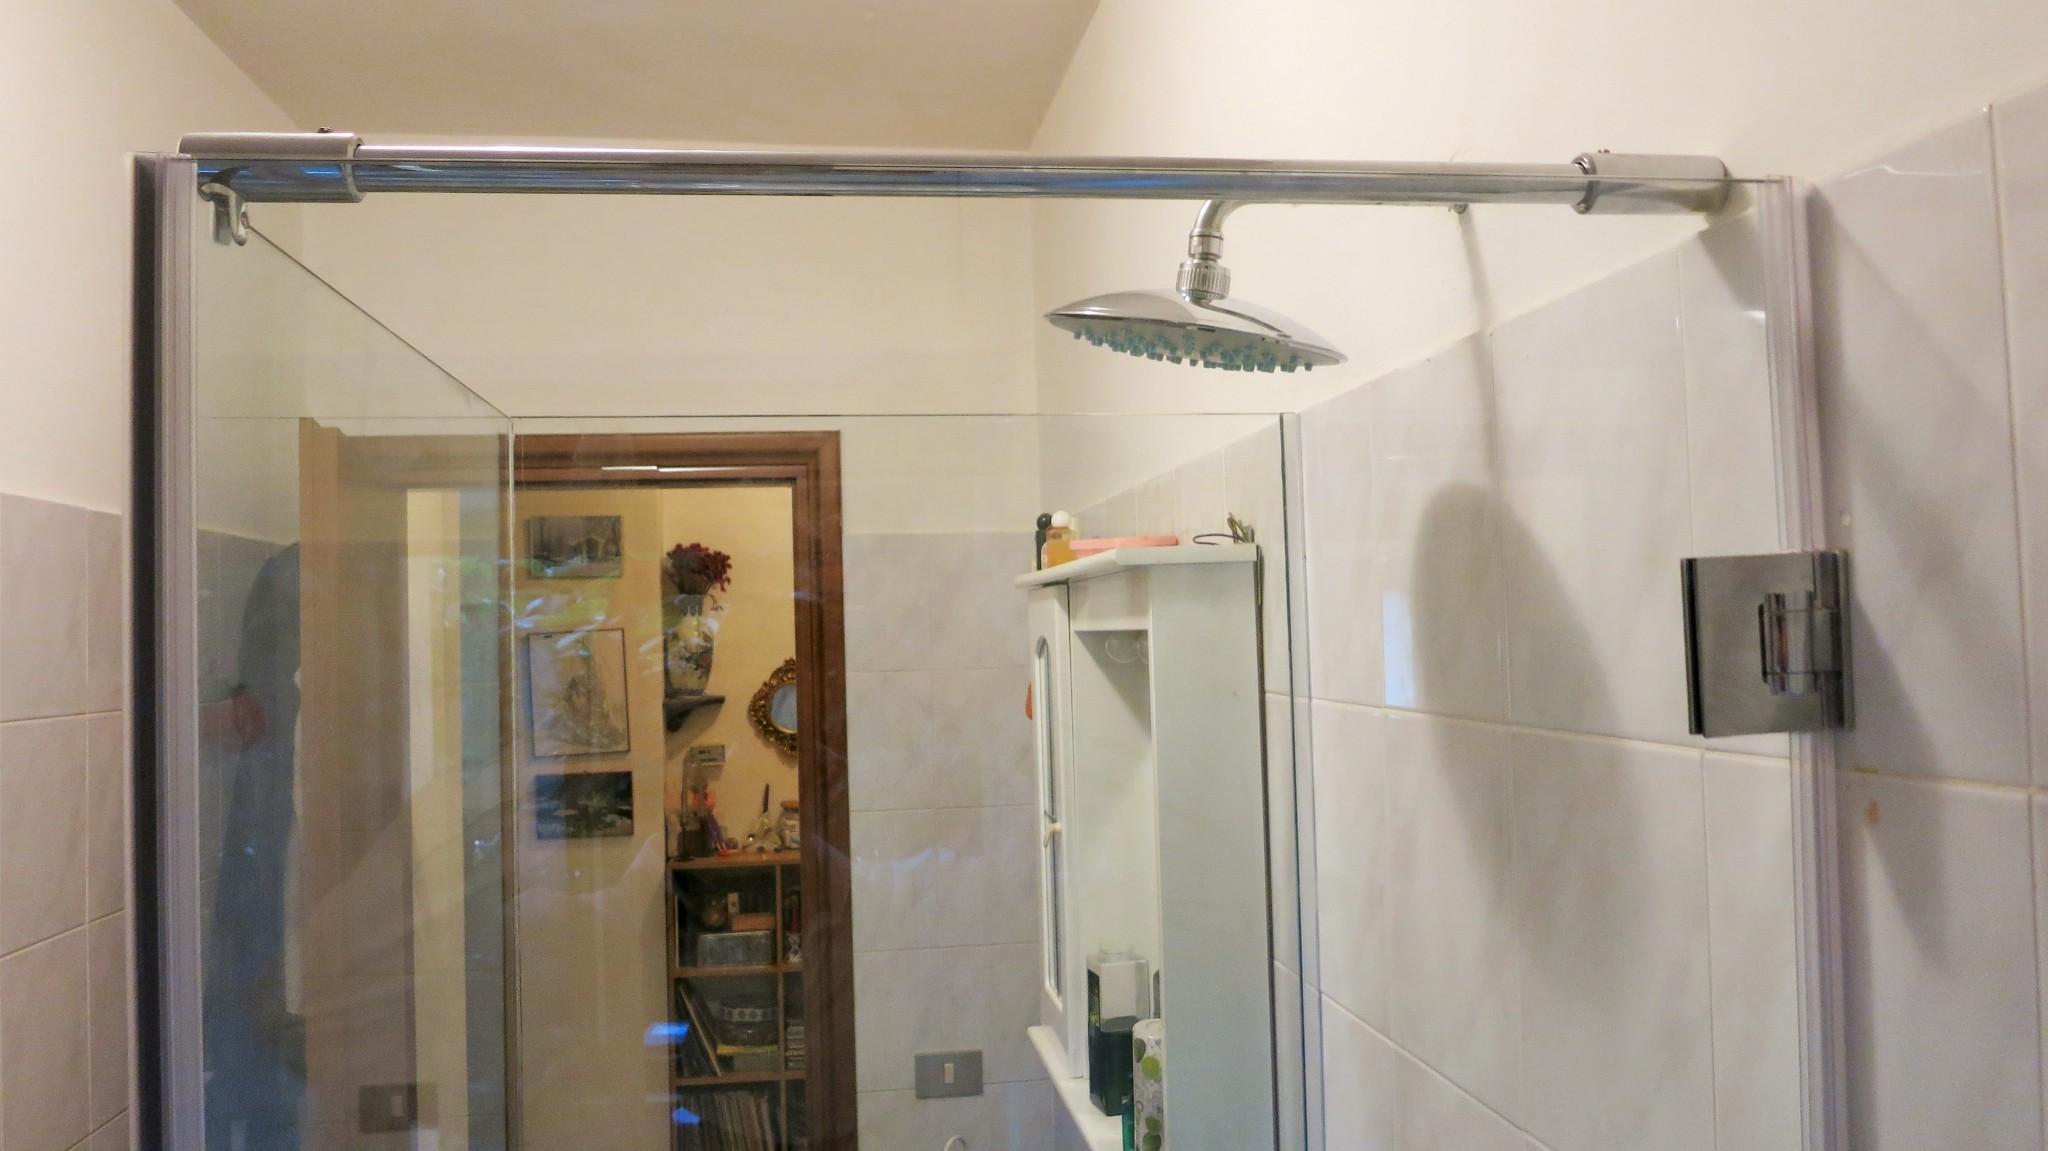 Box doccia in cristallo temperato su misura, dettaglio soffione - Roma - VetroeXpert - Box doccia in cristallo temperato su misura